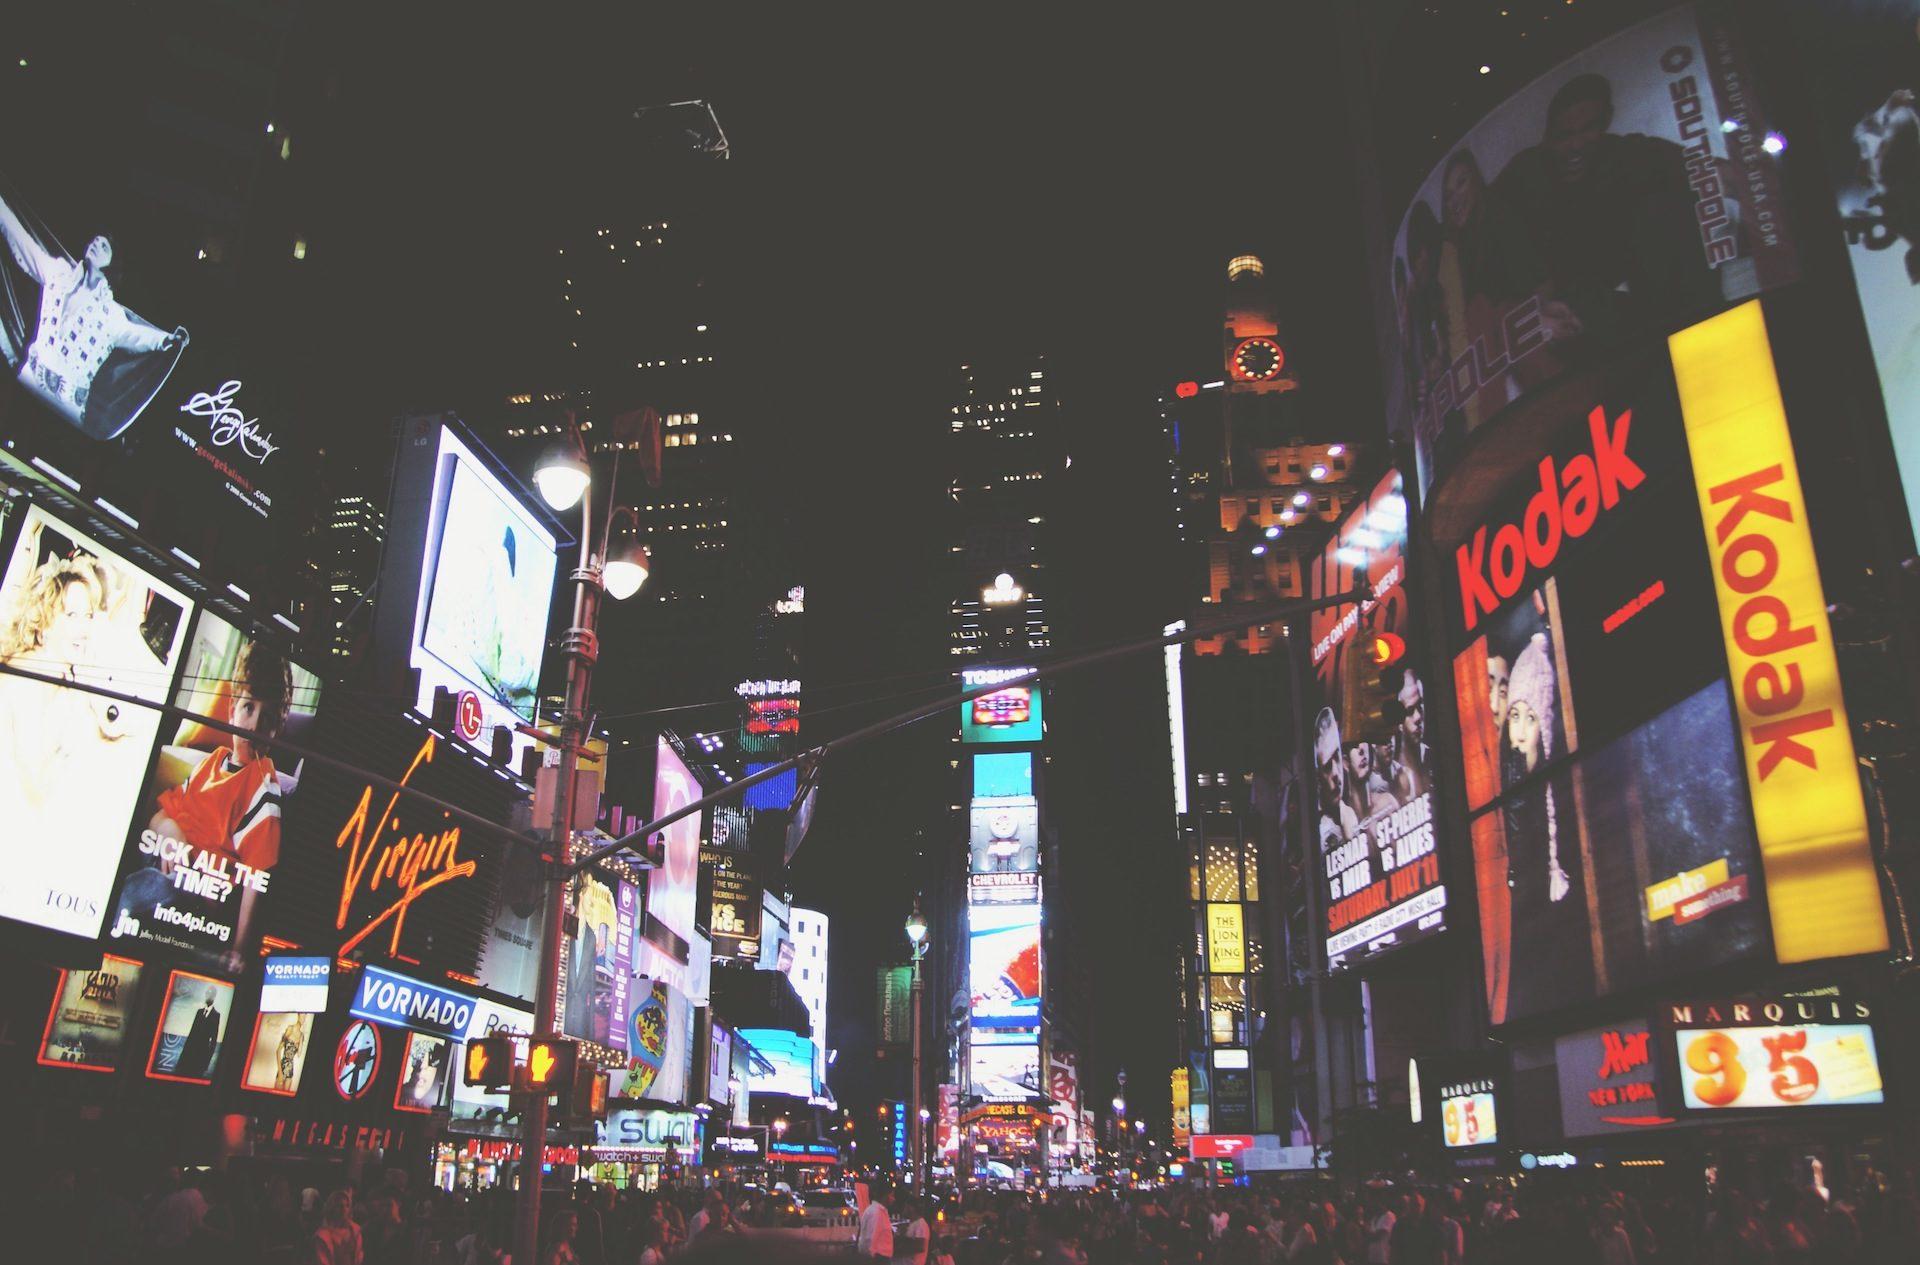 Πόλη, φώτα, σημάδια, διαφήμιση, νύχτα, Πλατεία το βράδυ - Wallpapers HD - Professor-falken.com